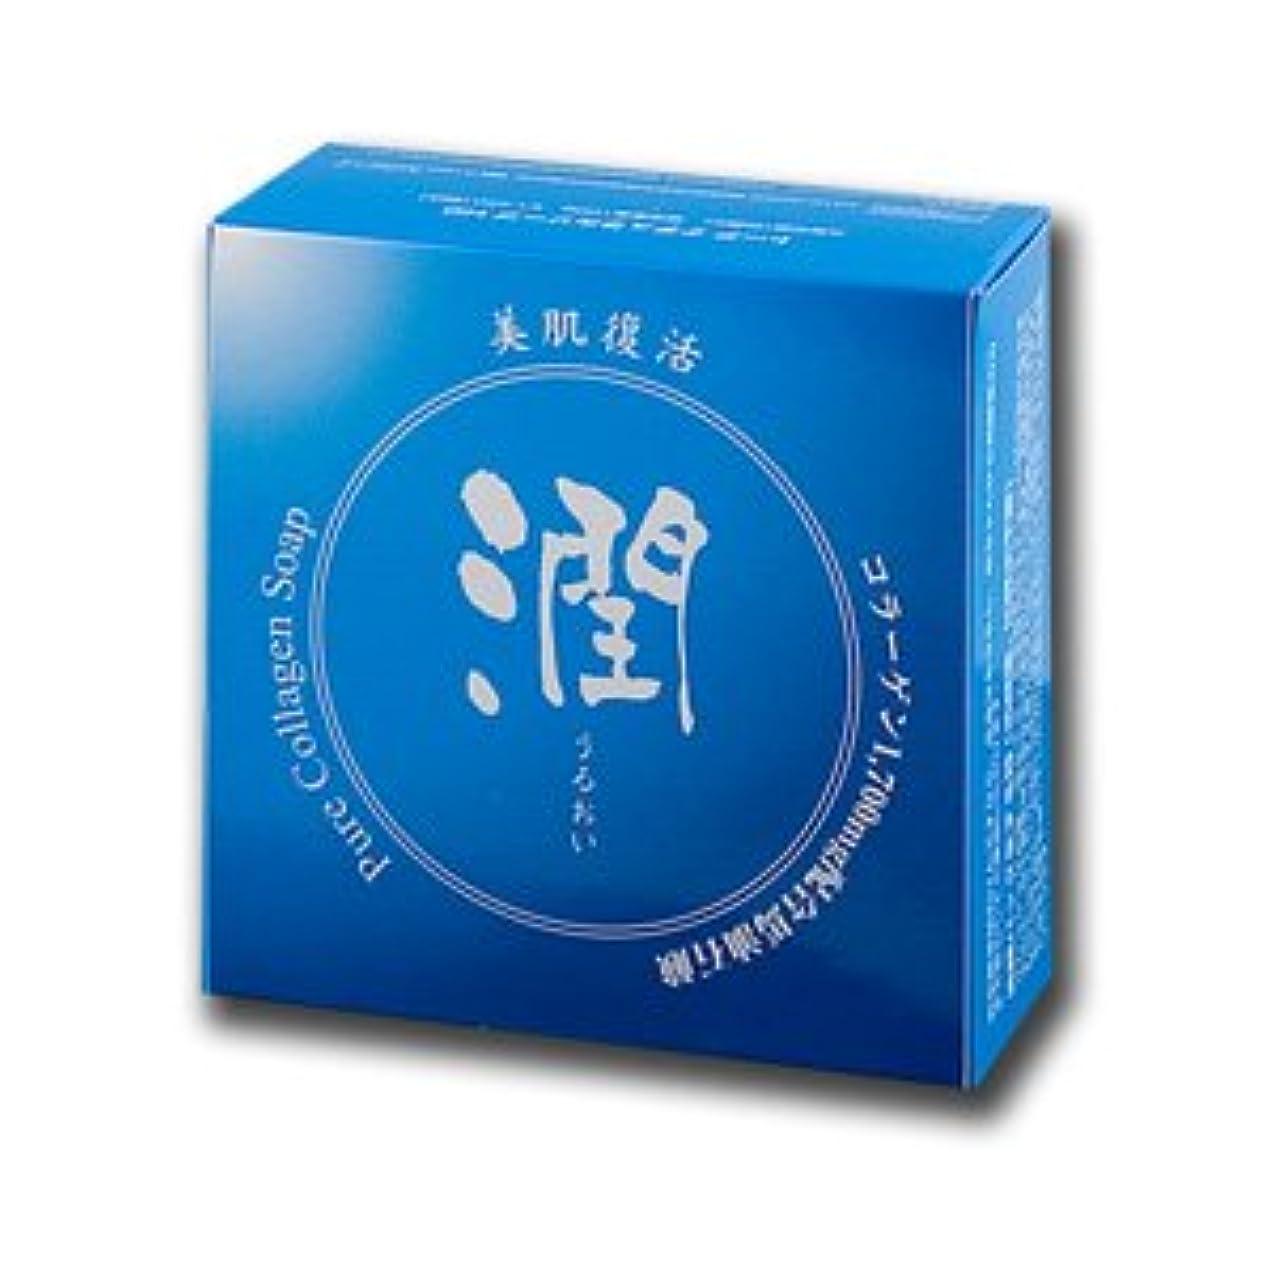 フルーツ他の日ショップコラーゲン馬油石鹸 潤 100g (#800410) ×3個セット